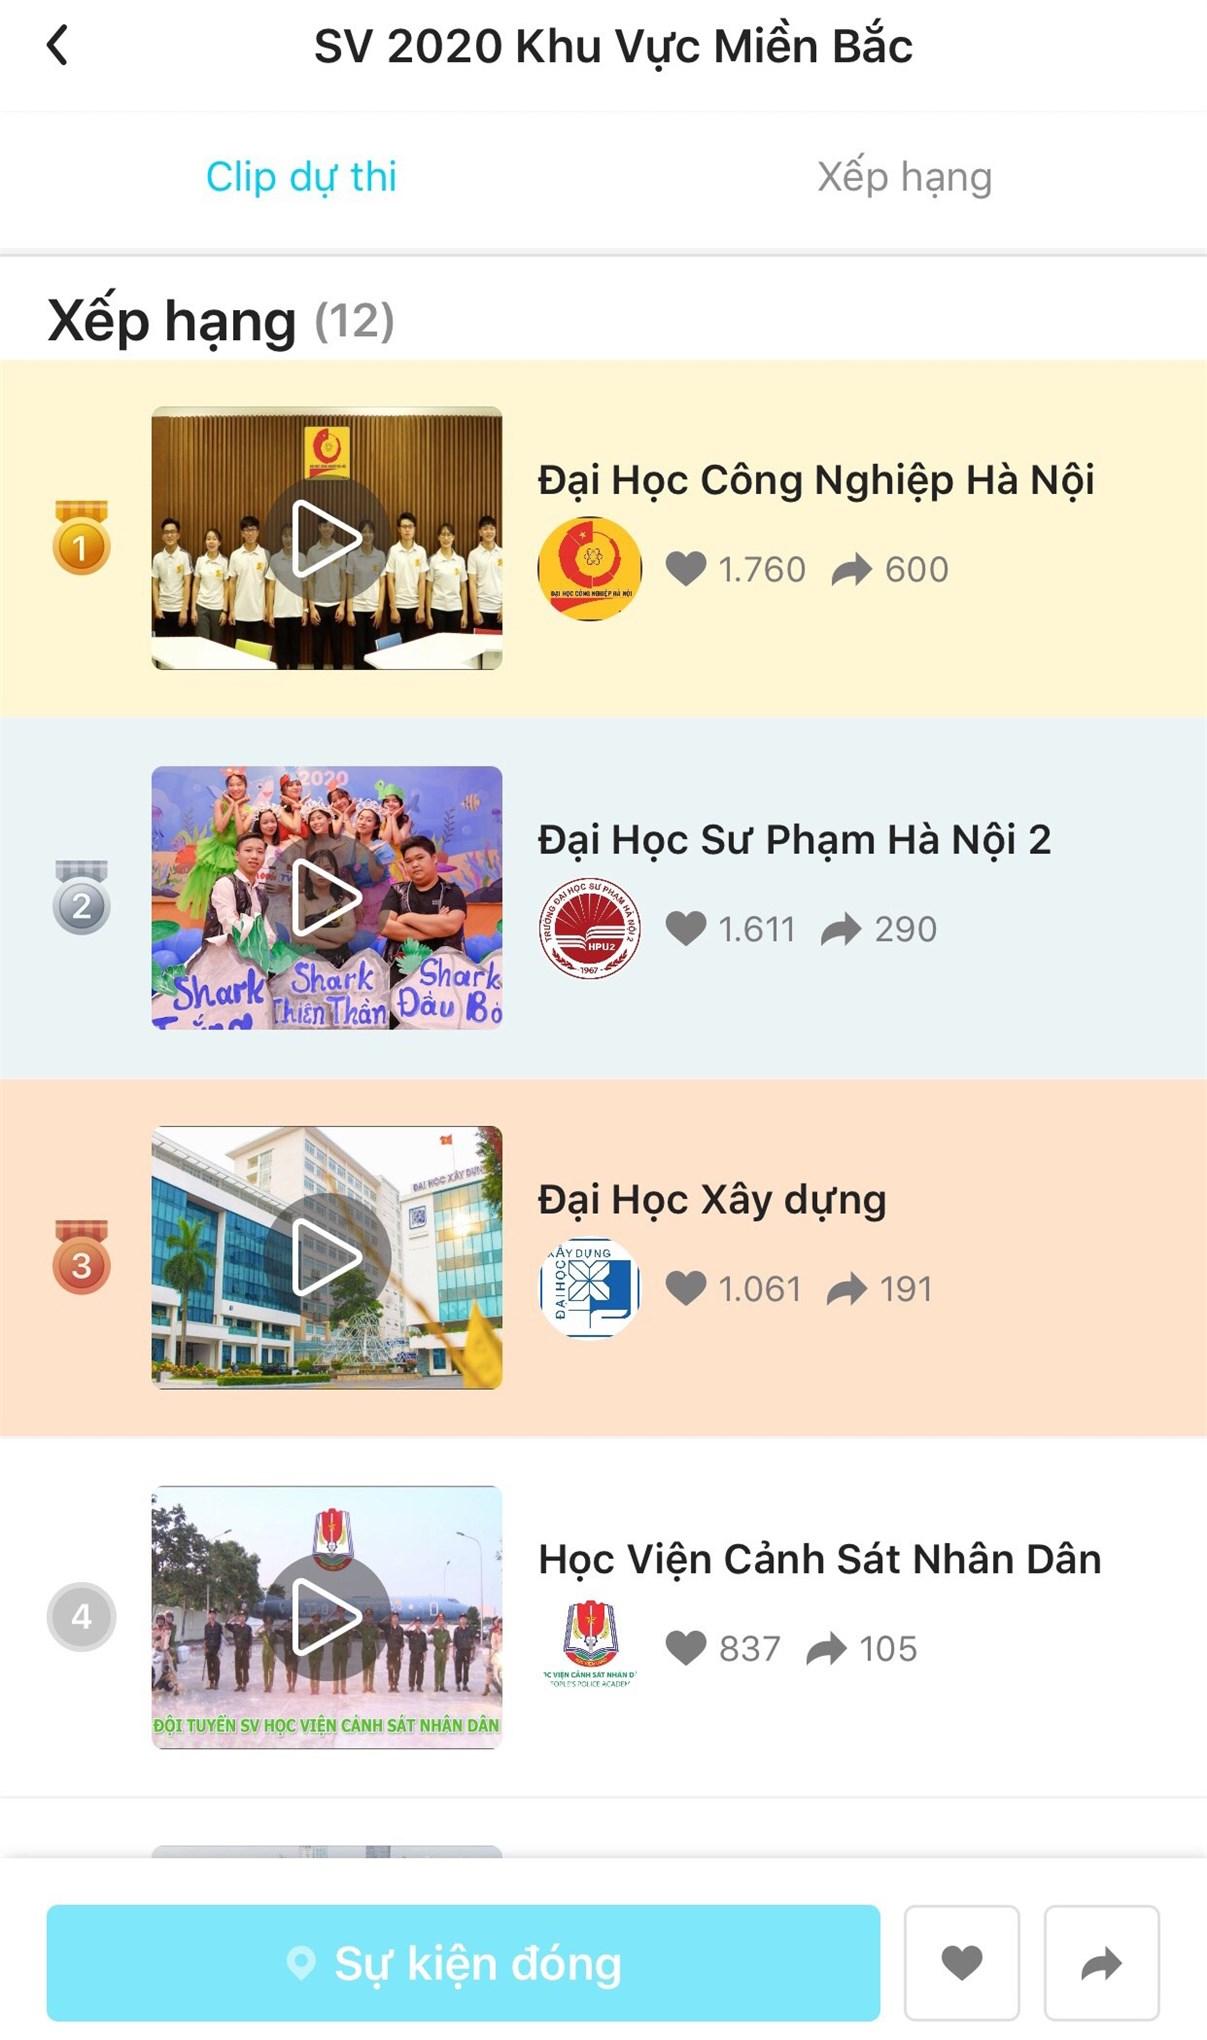 Đại học Công nghiệp Hà Nội tham gia SV2020